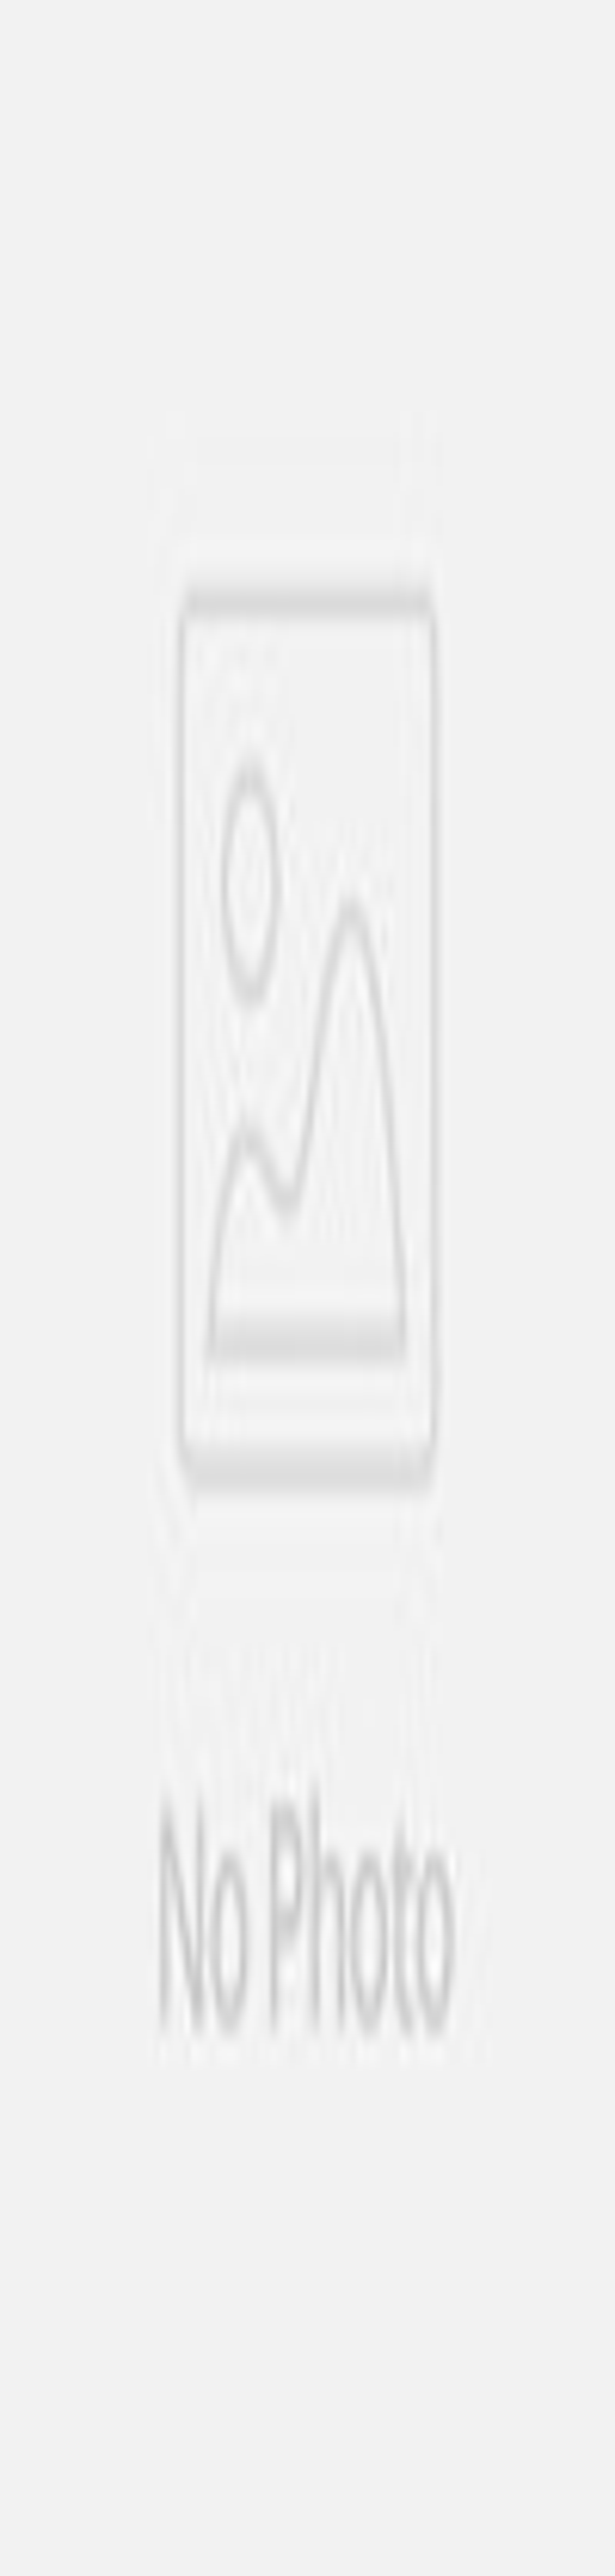 Men's Vintage Canvas Leather School Military Shoulder Bag Messenger